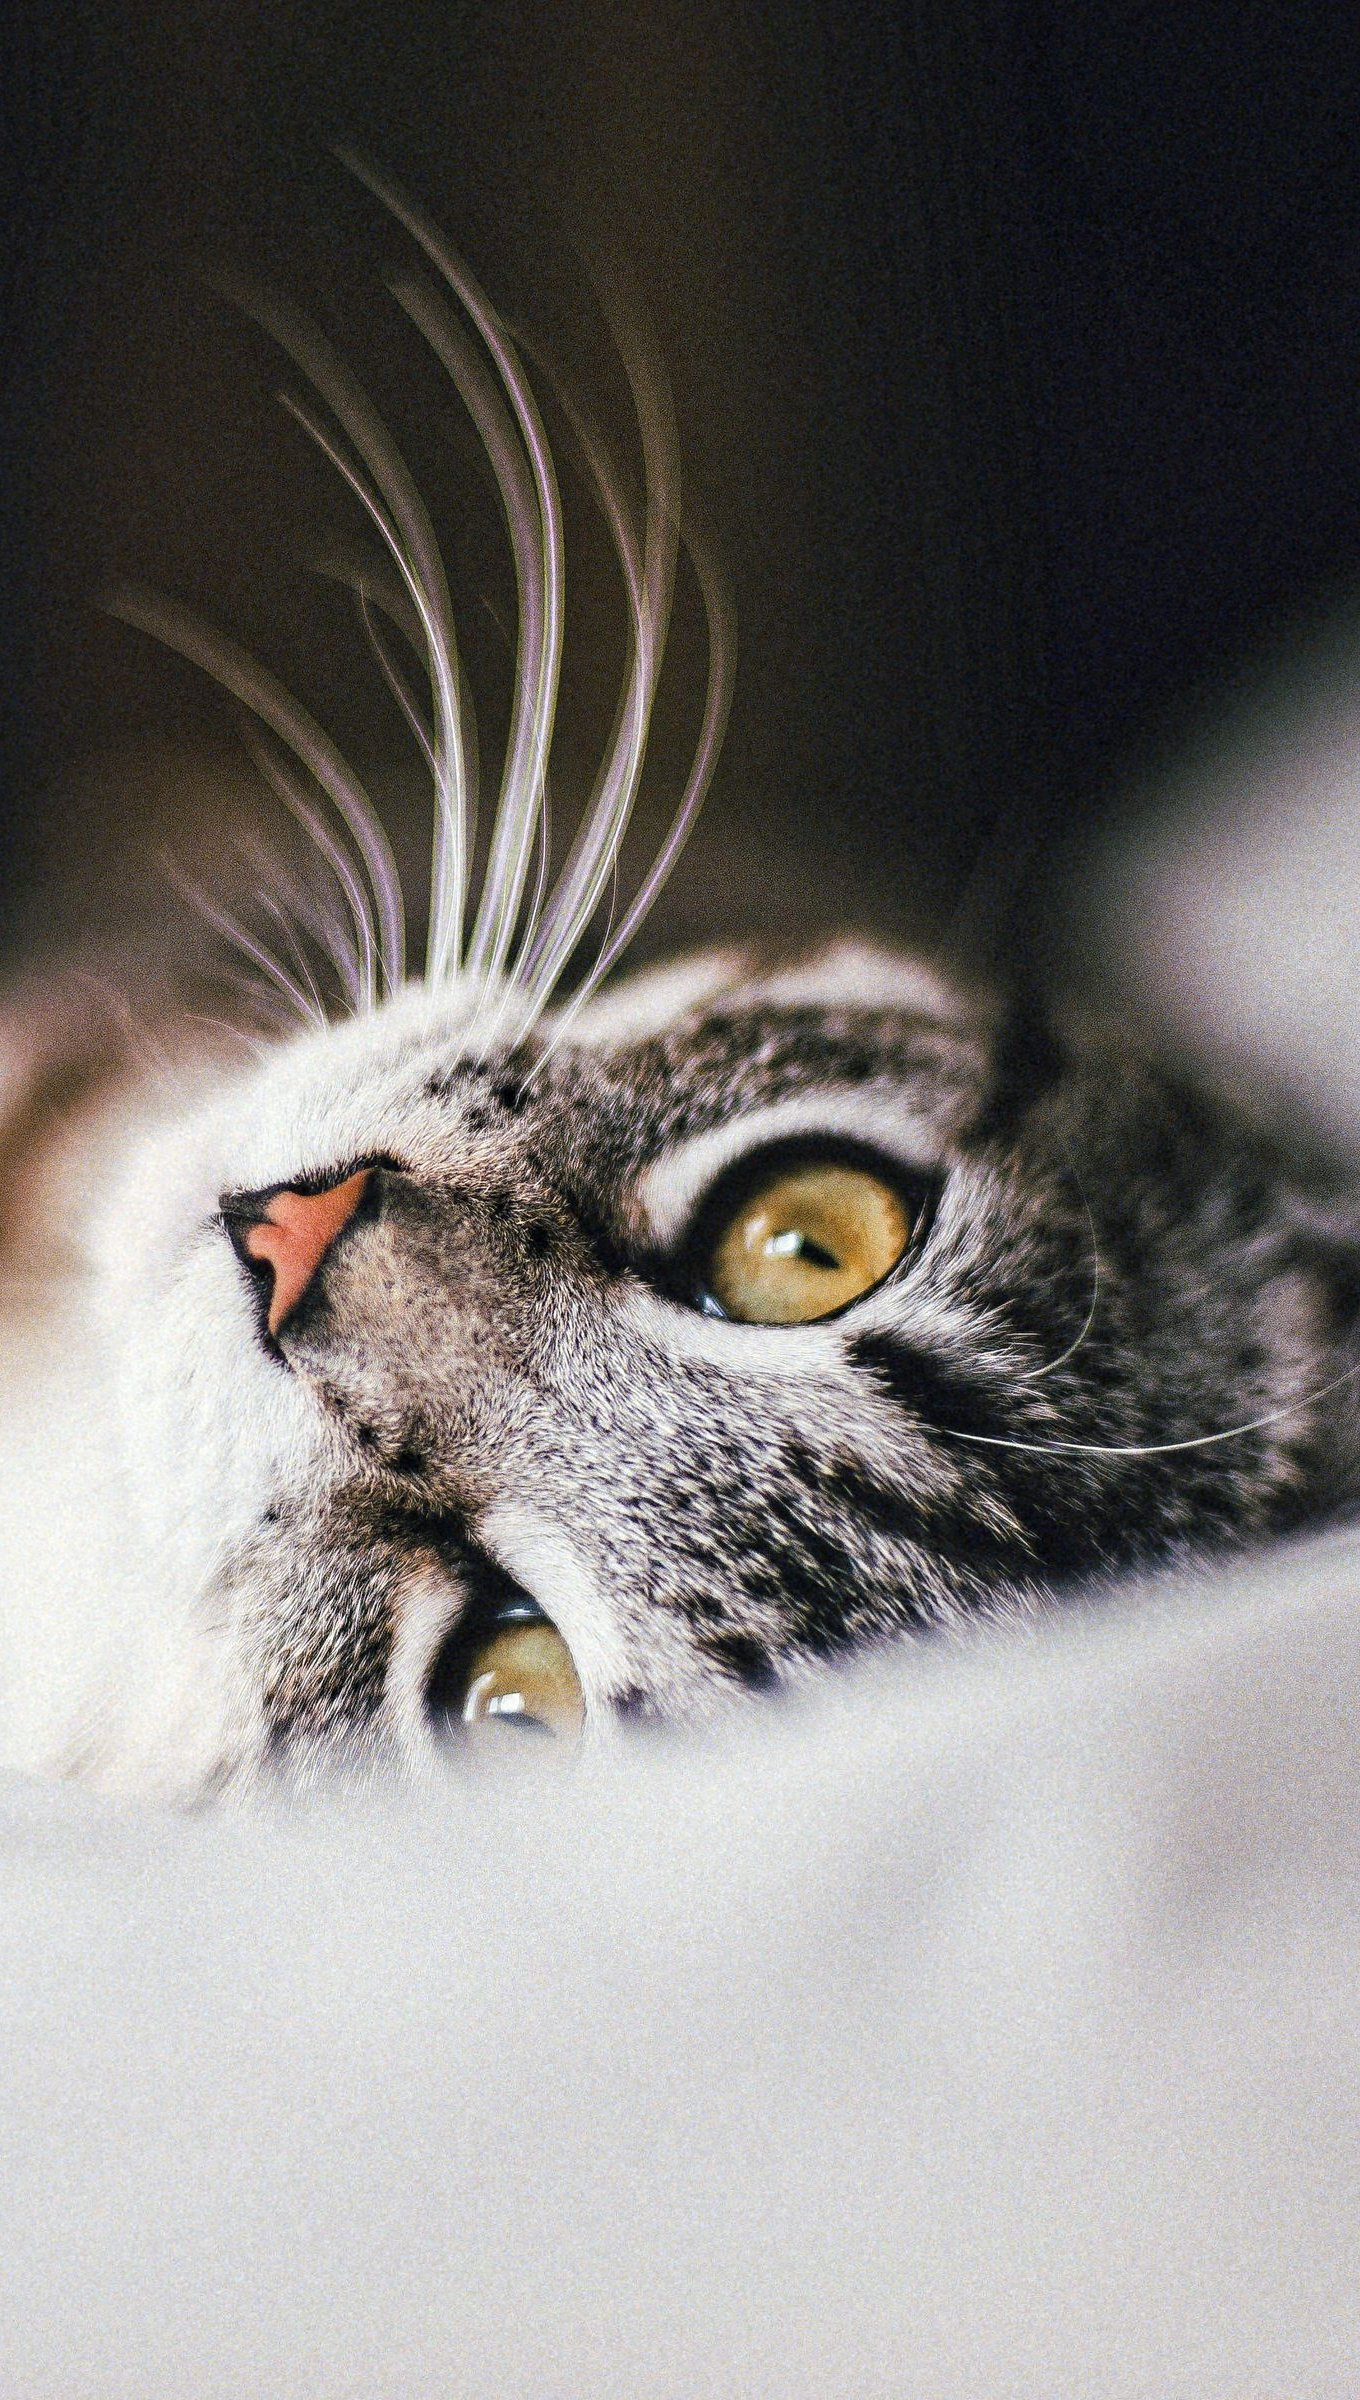 Fondos de pantalla Gato en cama Vertical